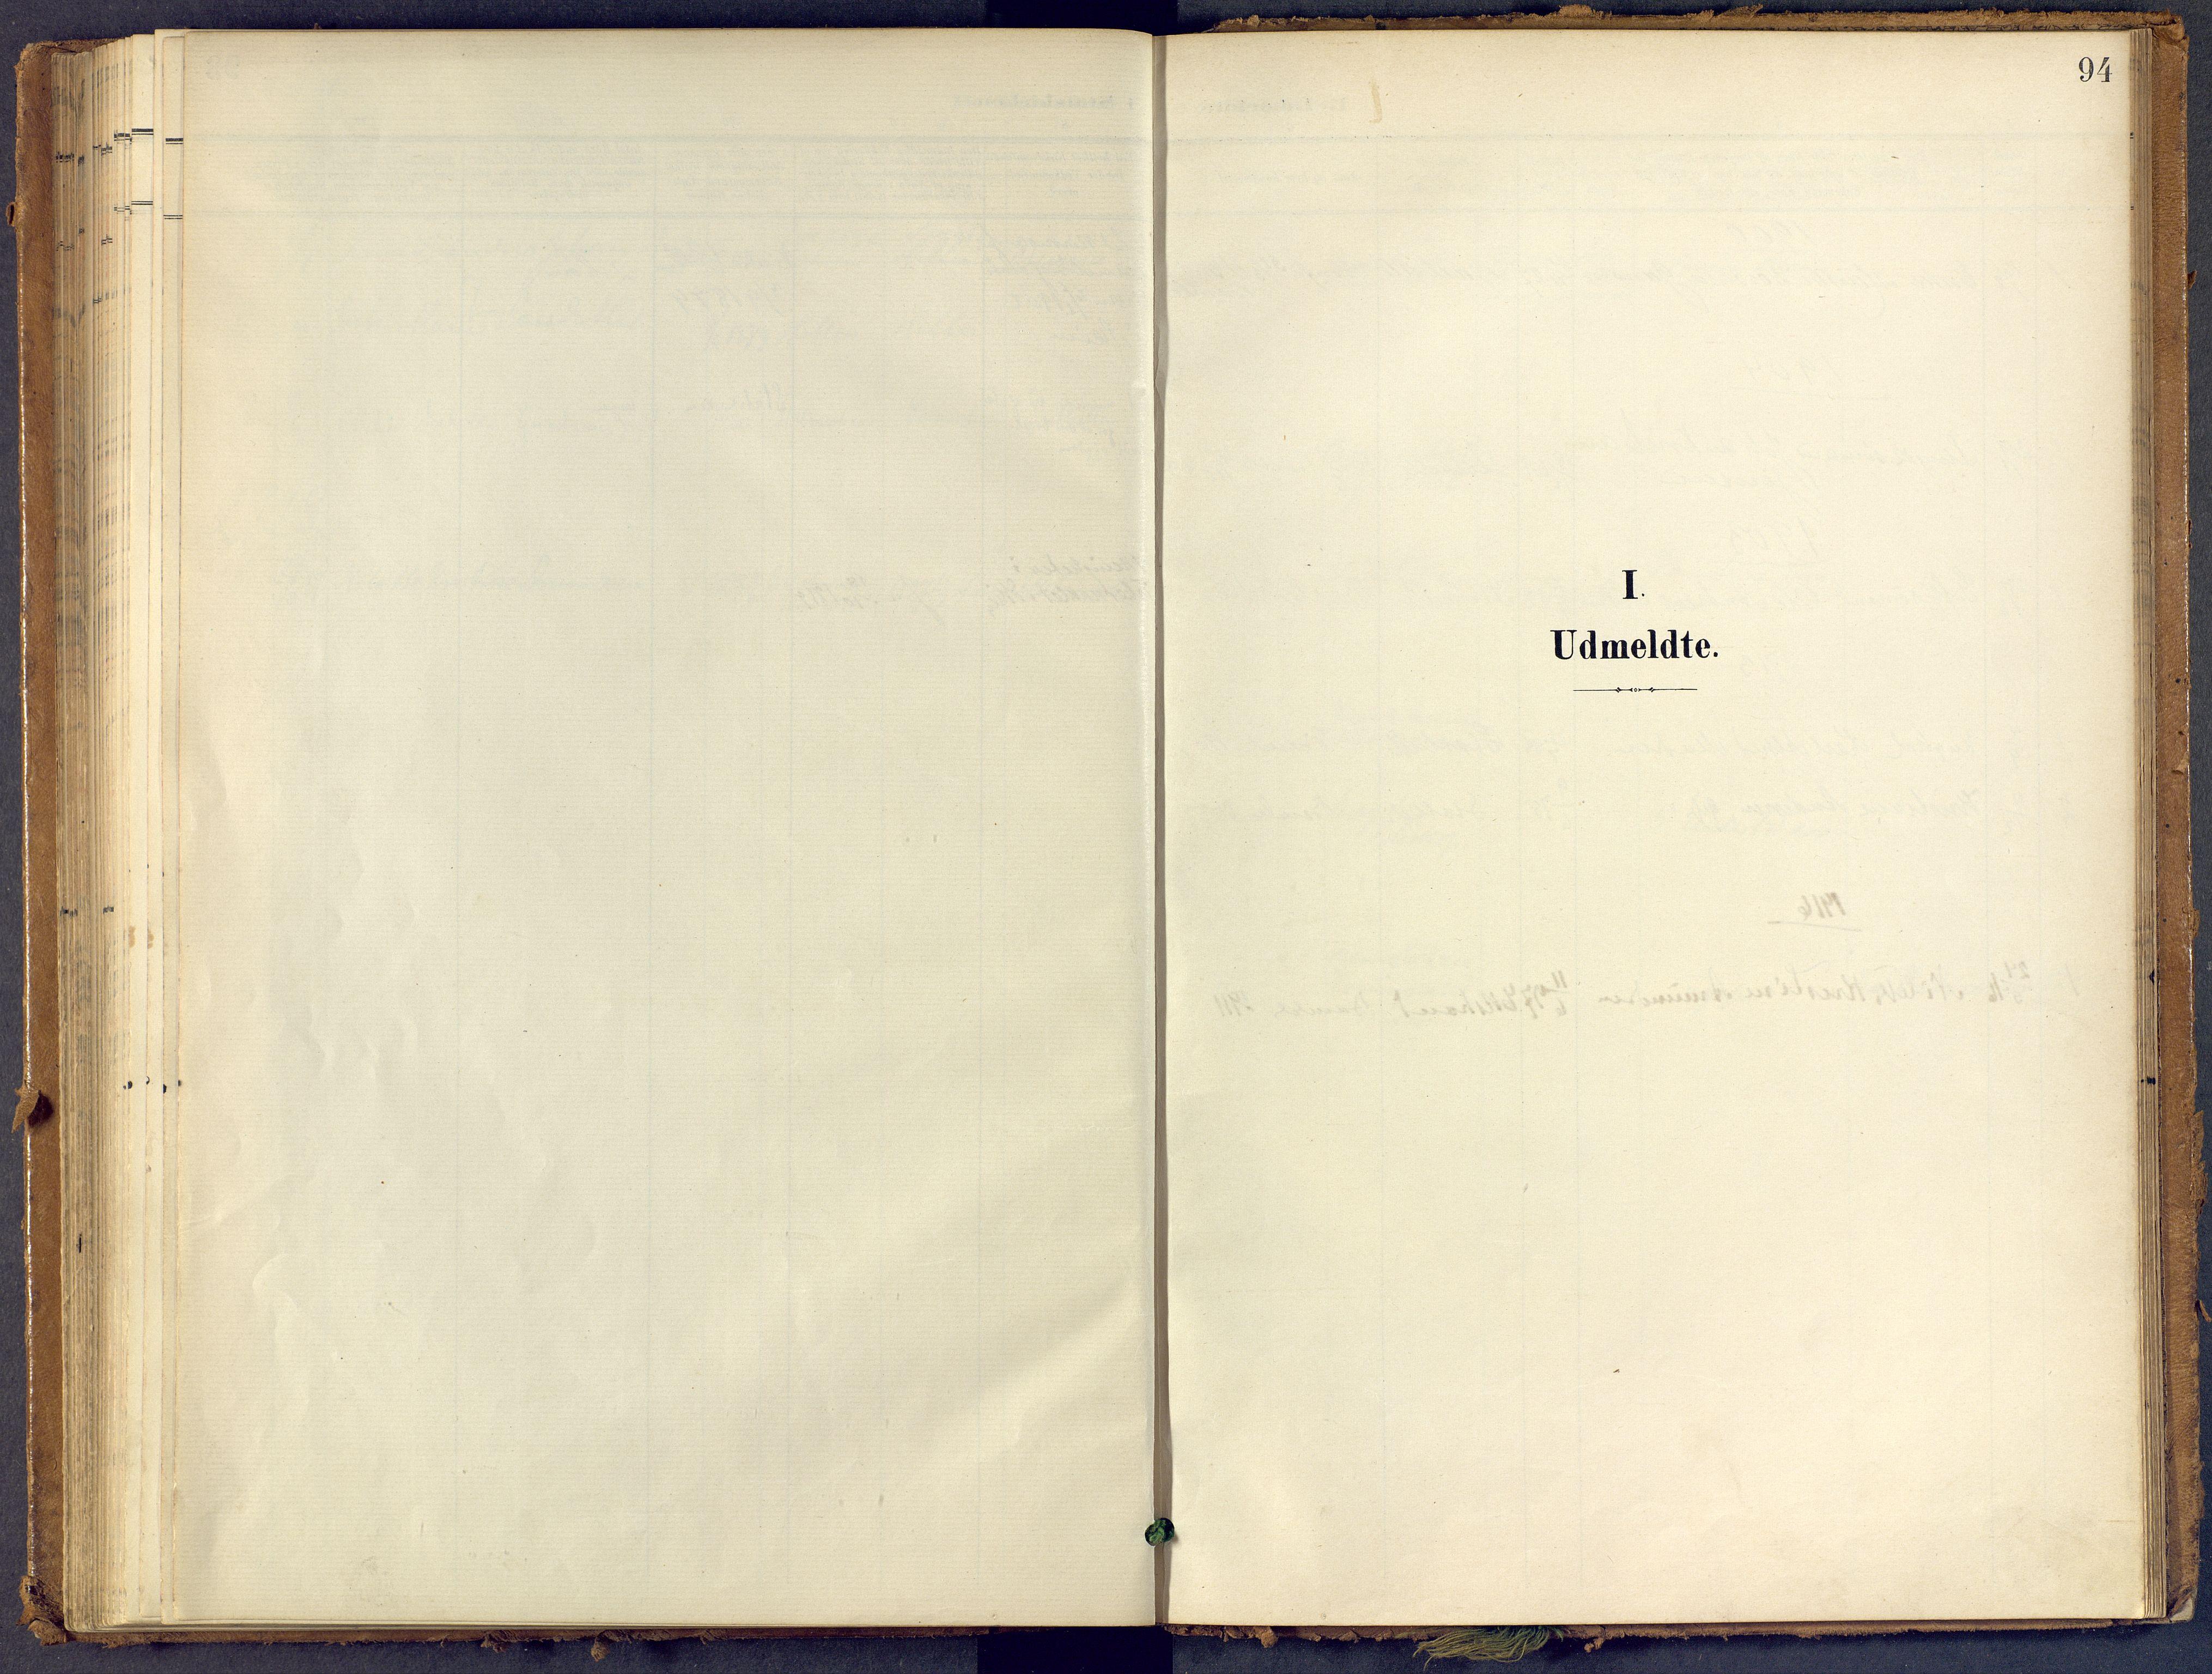 SAKO, Bamble kirkebøker, F/Fb/L0002: Ministerialbok nr. II 2, 1900-1921, s. 94